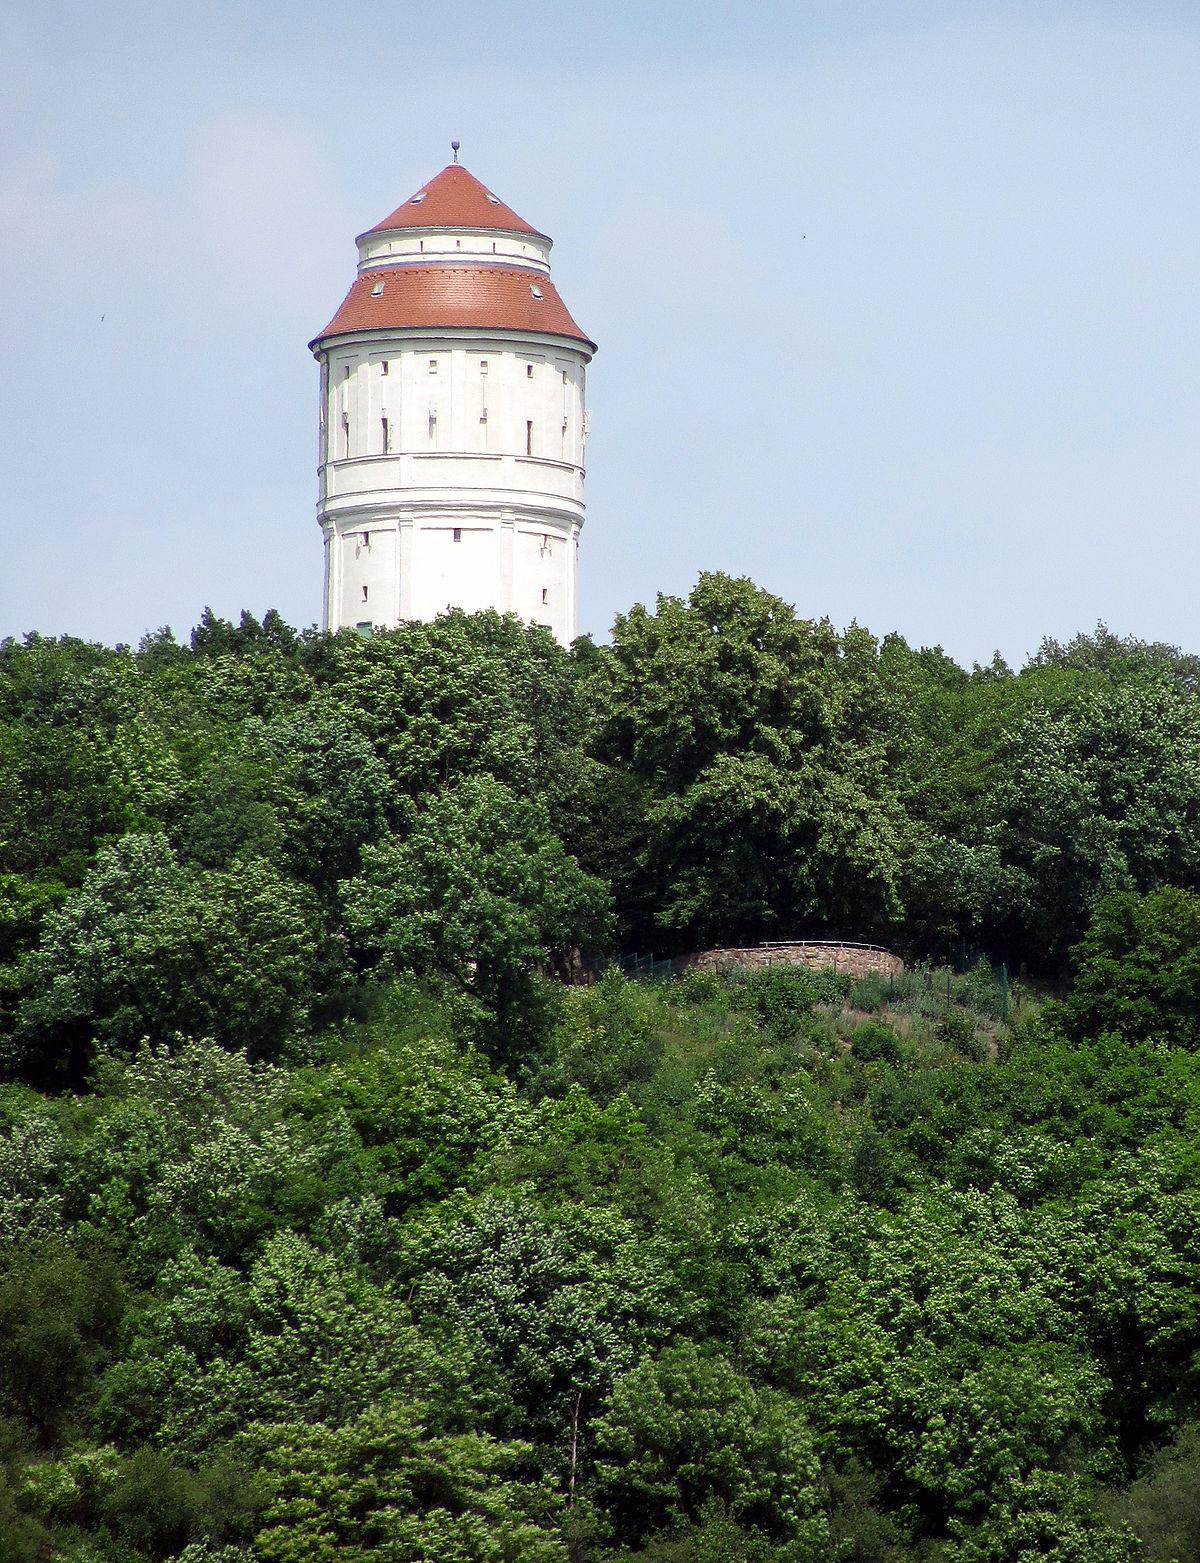 Wasserturm radebeul wikipedia - Architekt radebeul ...